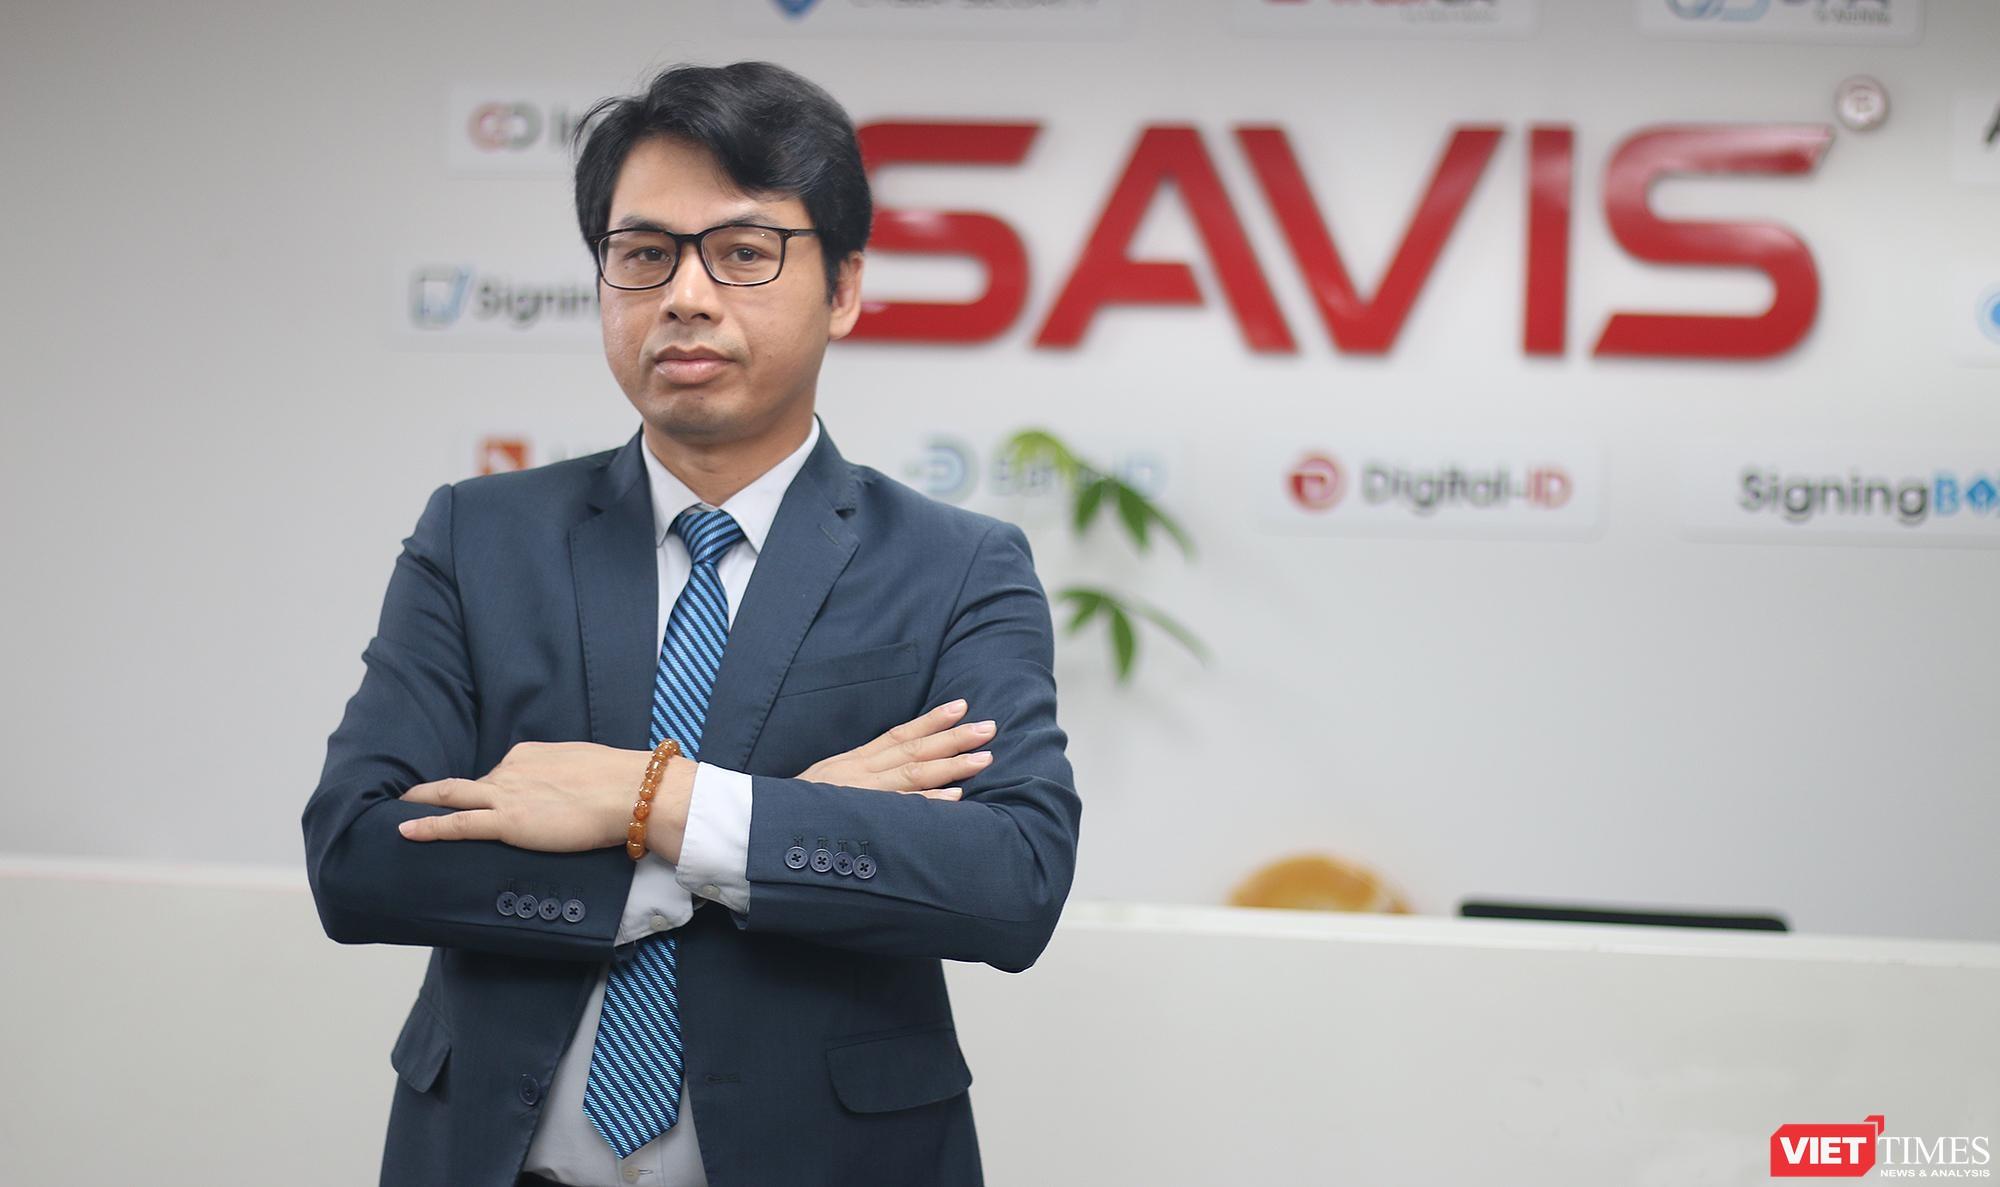 Ông Hoàng Nguyên Vân – Tổng Giám đốc Công ty Cổ phần Công nghệ SAVIS.